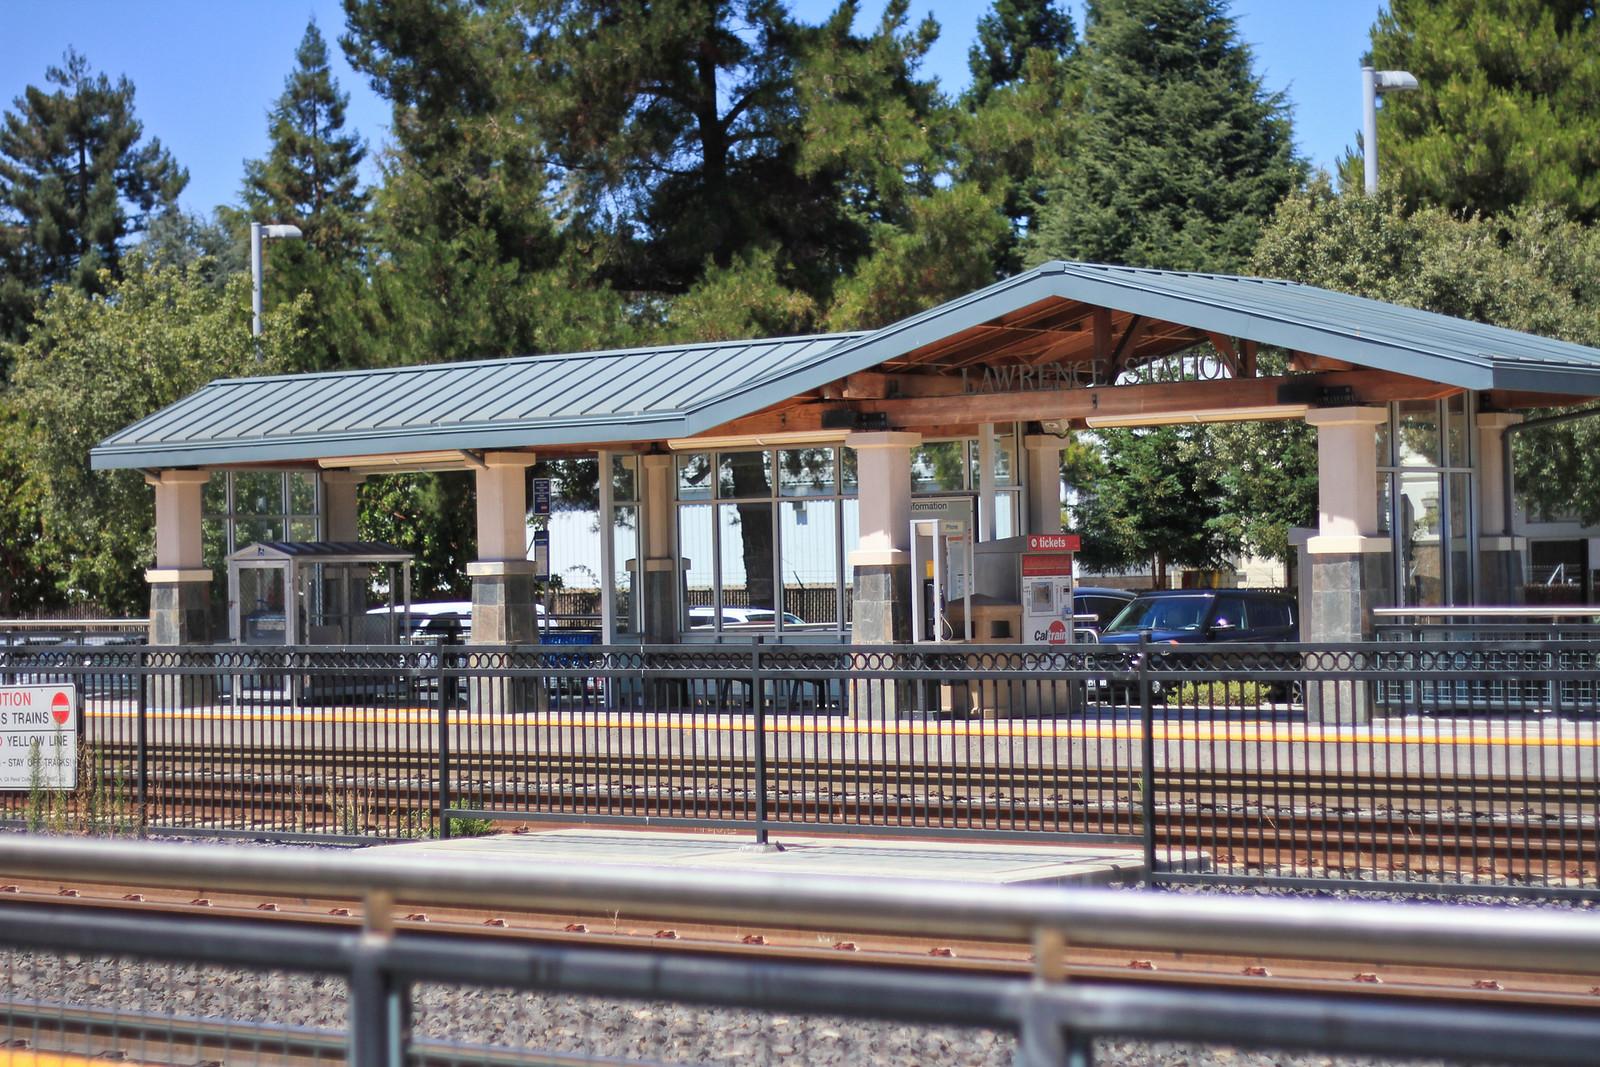 Lawrence Station.jpg